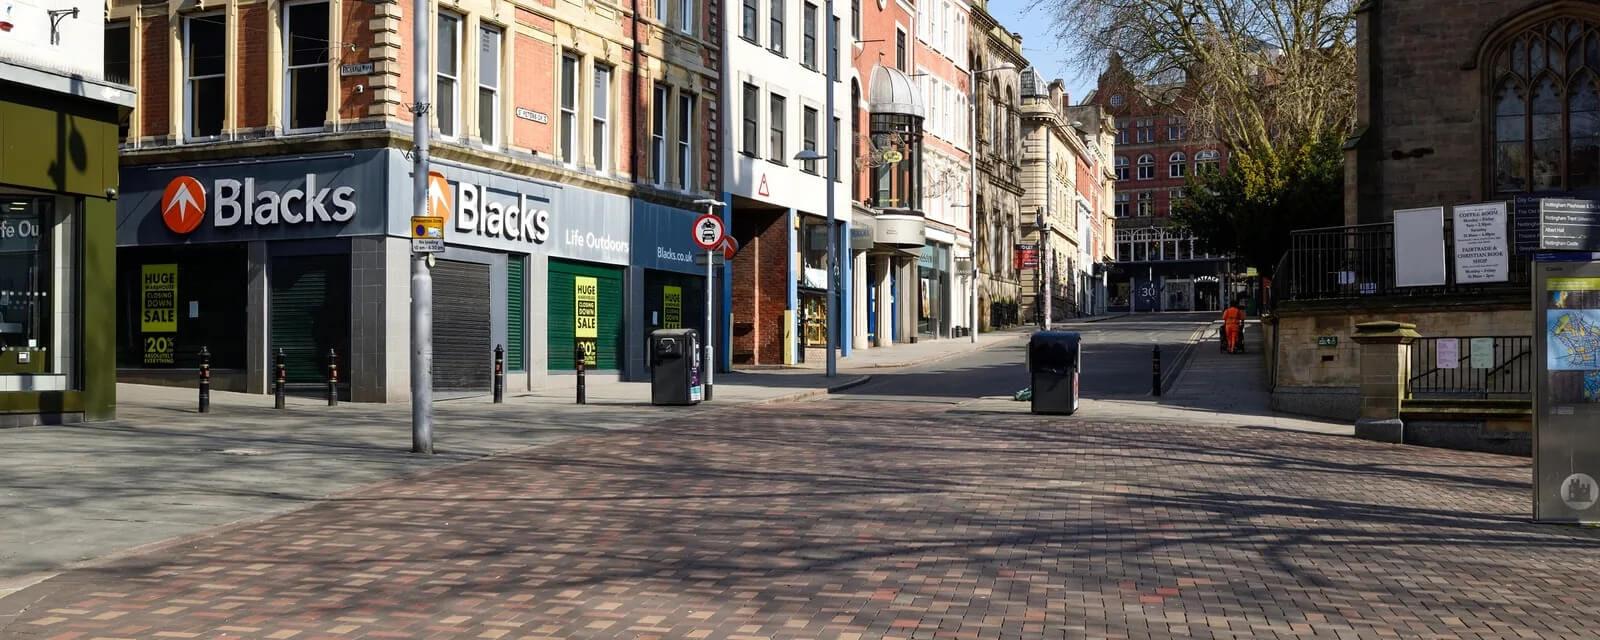 uk-empty-streets